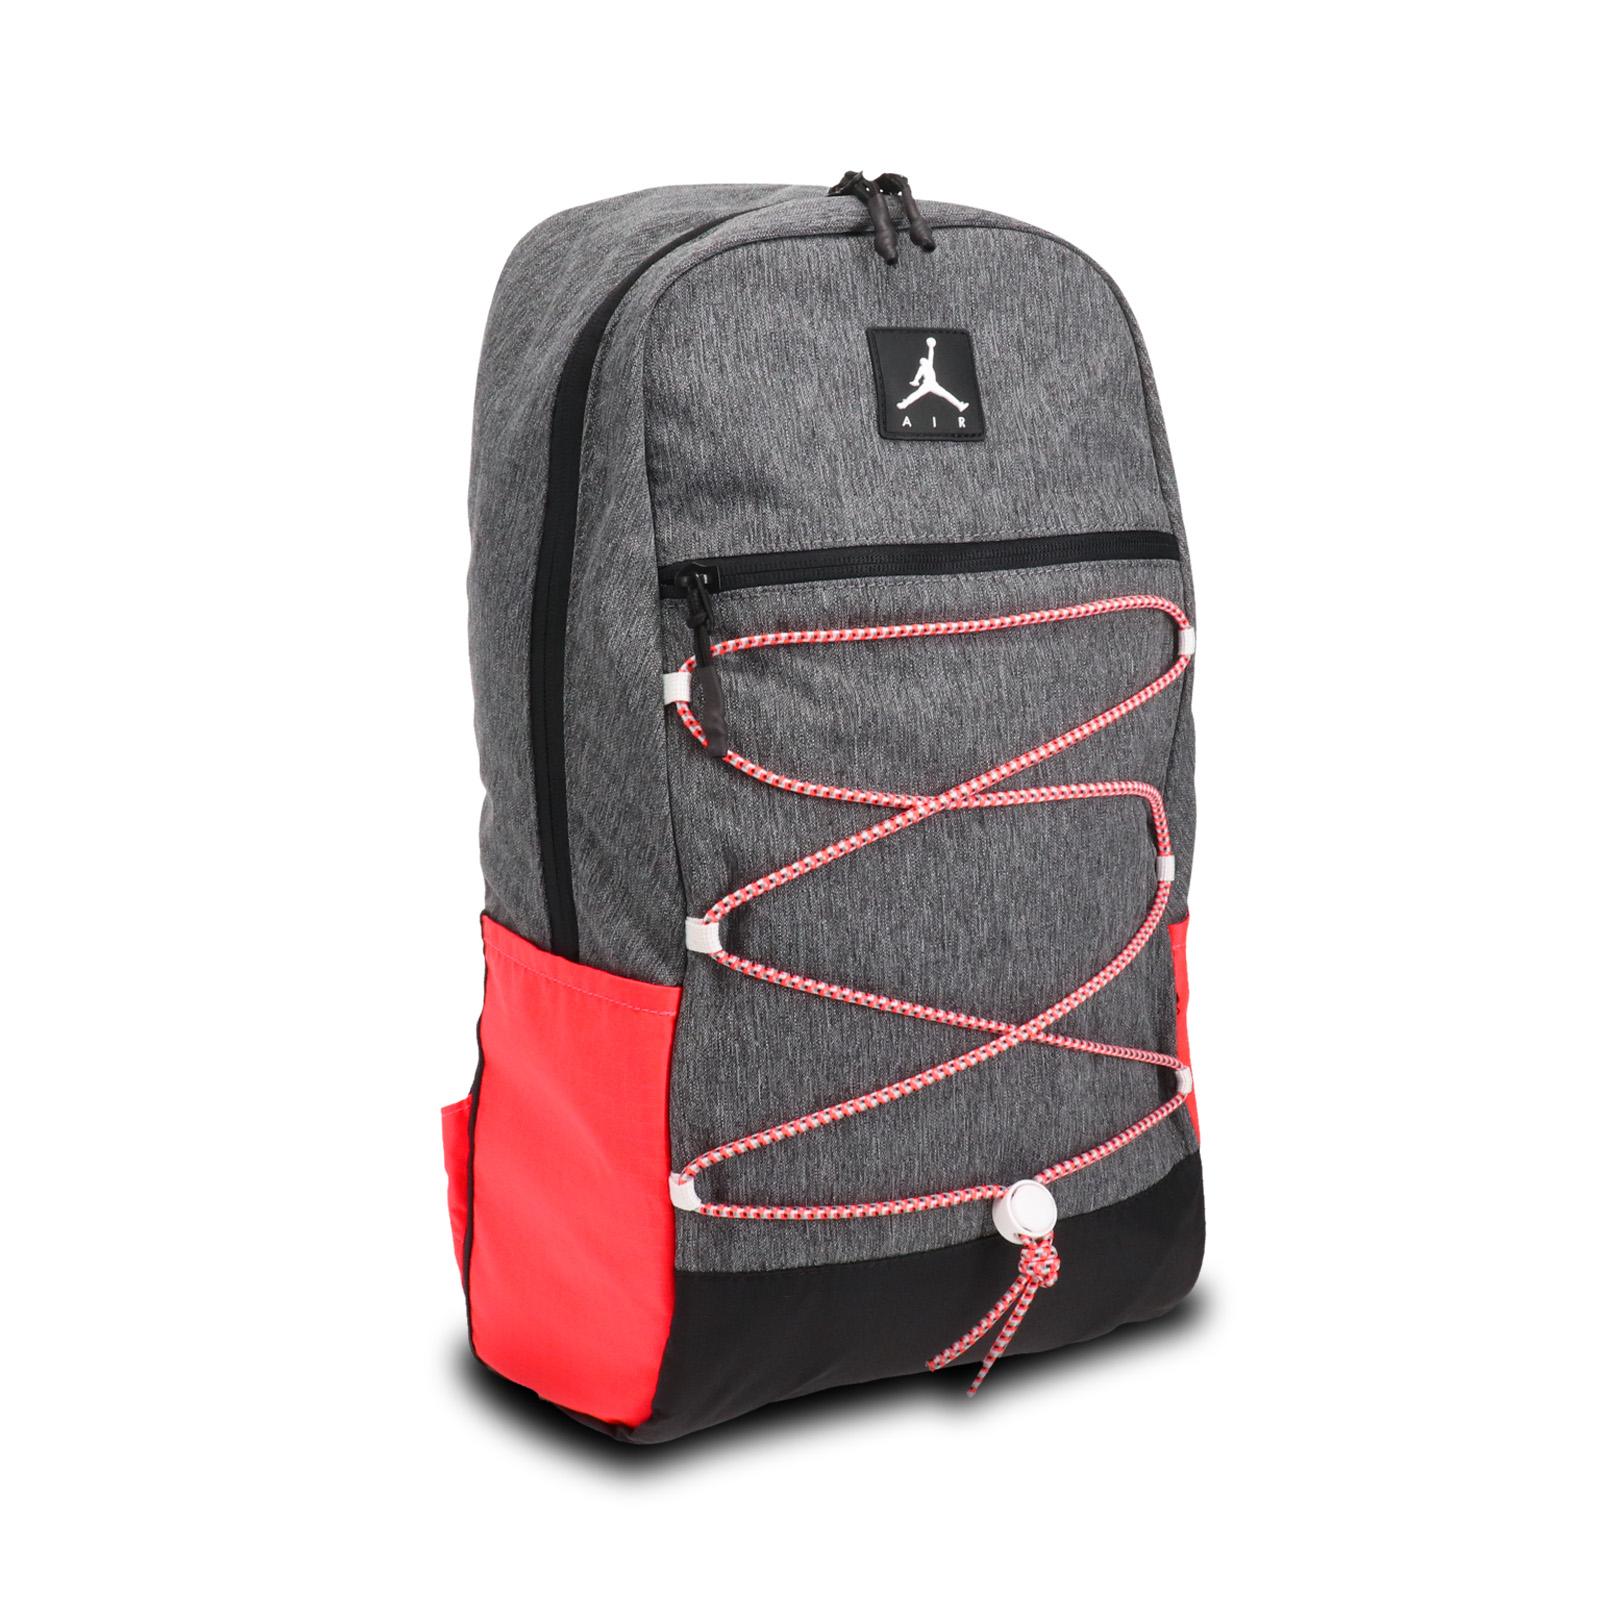 Nike 後背包 Jordan Backpack 灰 橘 男女款 喬丹 手提【ACS】 JD2043002AD-002